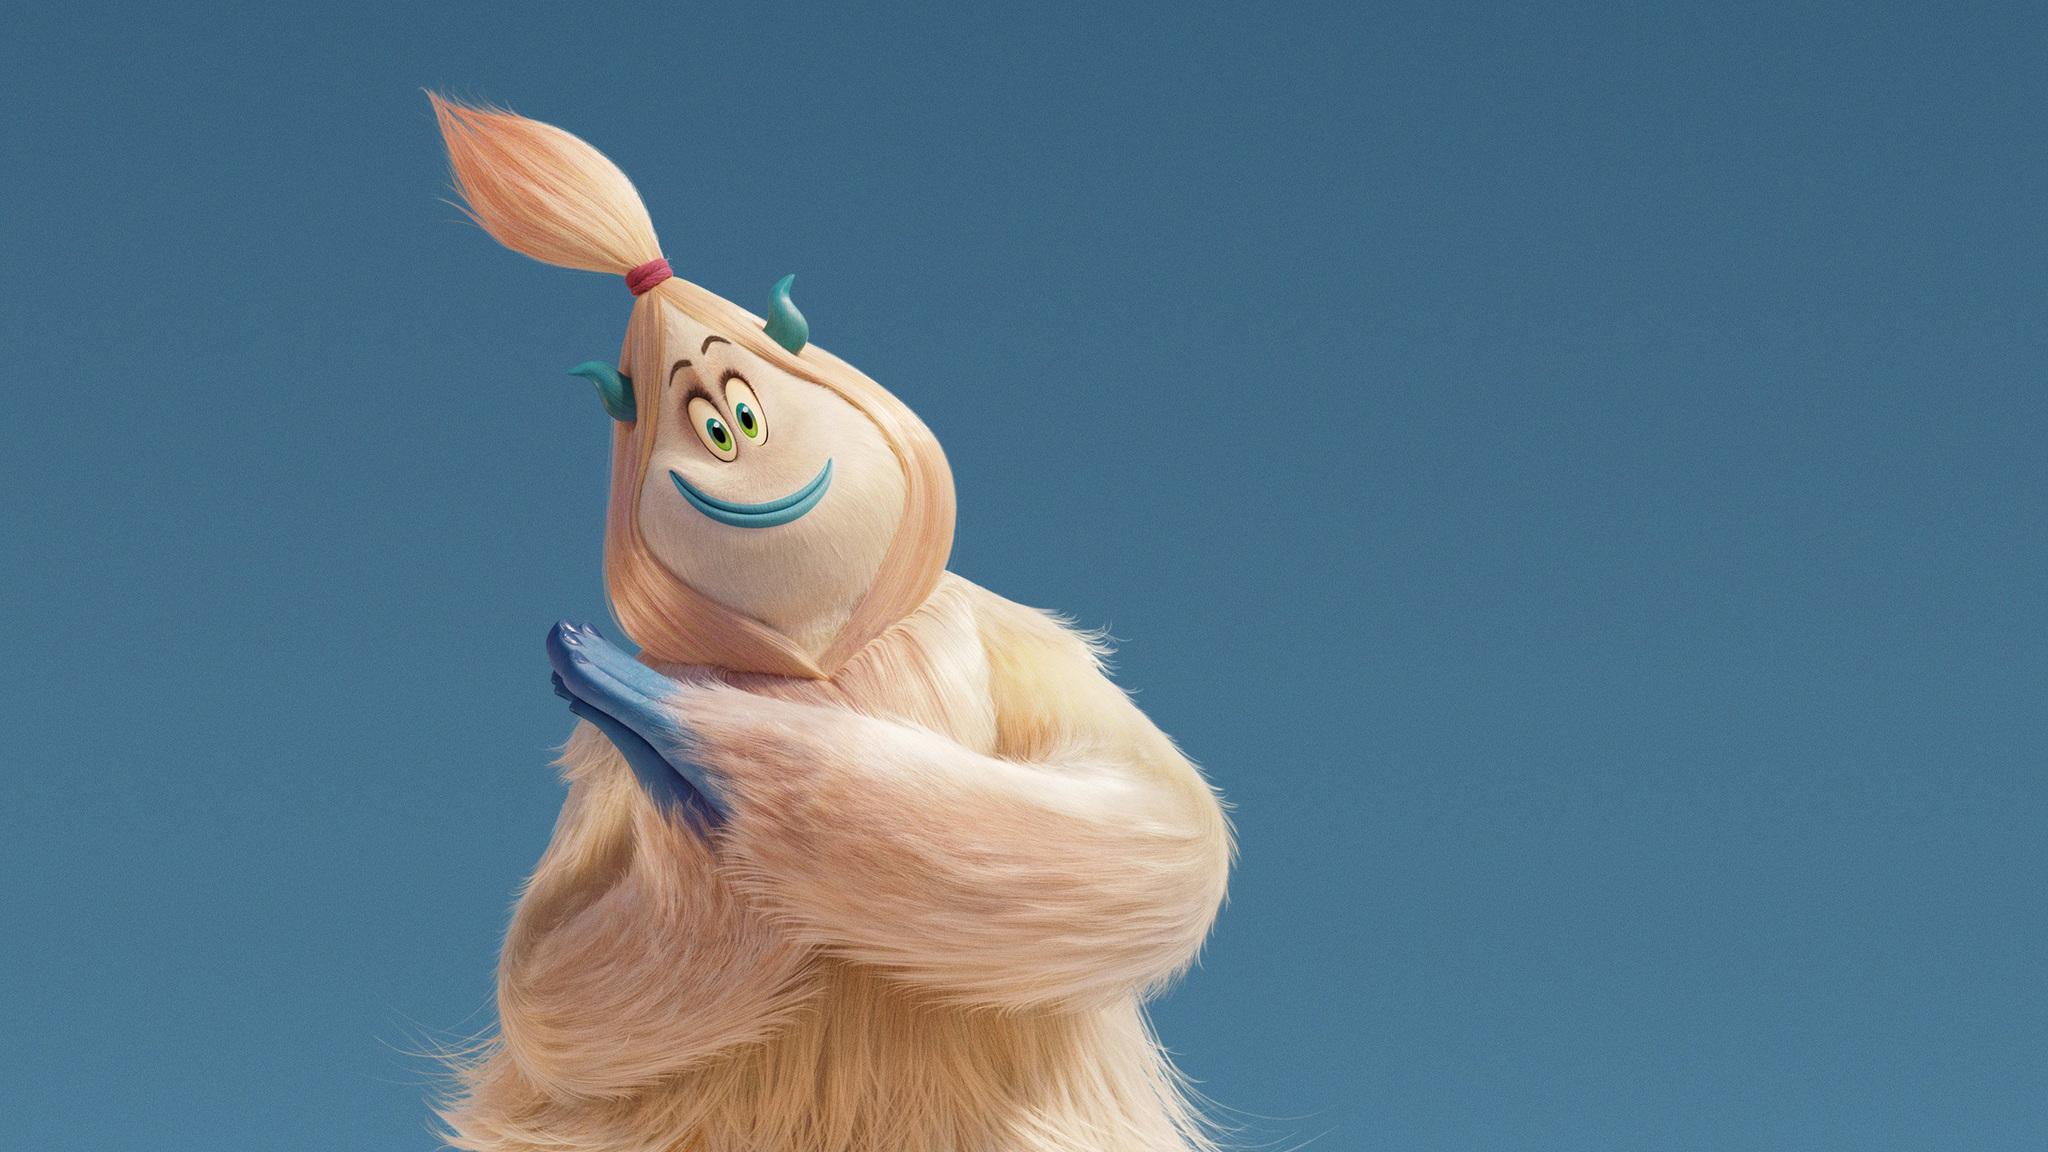 Georgina Rodriguez Hd Wallpapers Download: 2048x1152 Gina Rodriguez As Kolka In Small Foot 2018